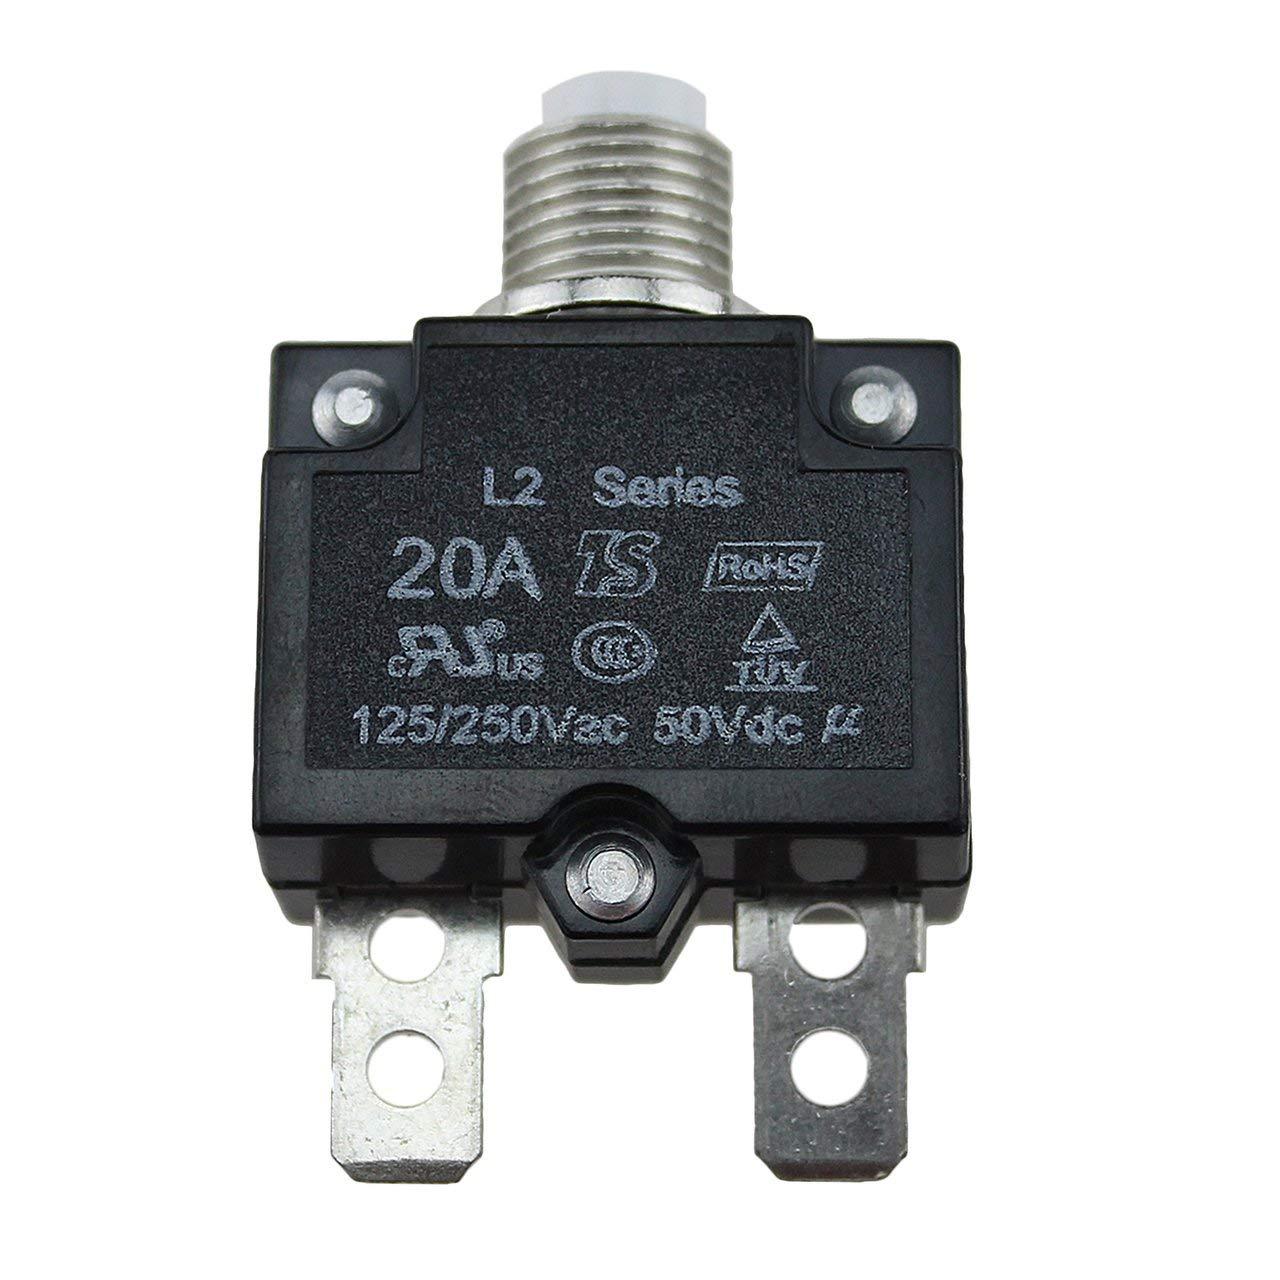 20A 30A Schutzschalter Wasserdichte Drucktaste R/ückstellbare Thermosicherung Schutzschalter Schalttafeleinbau 10A Monllack 5A 15A